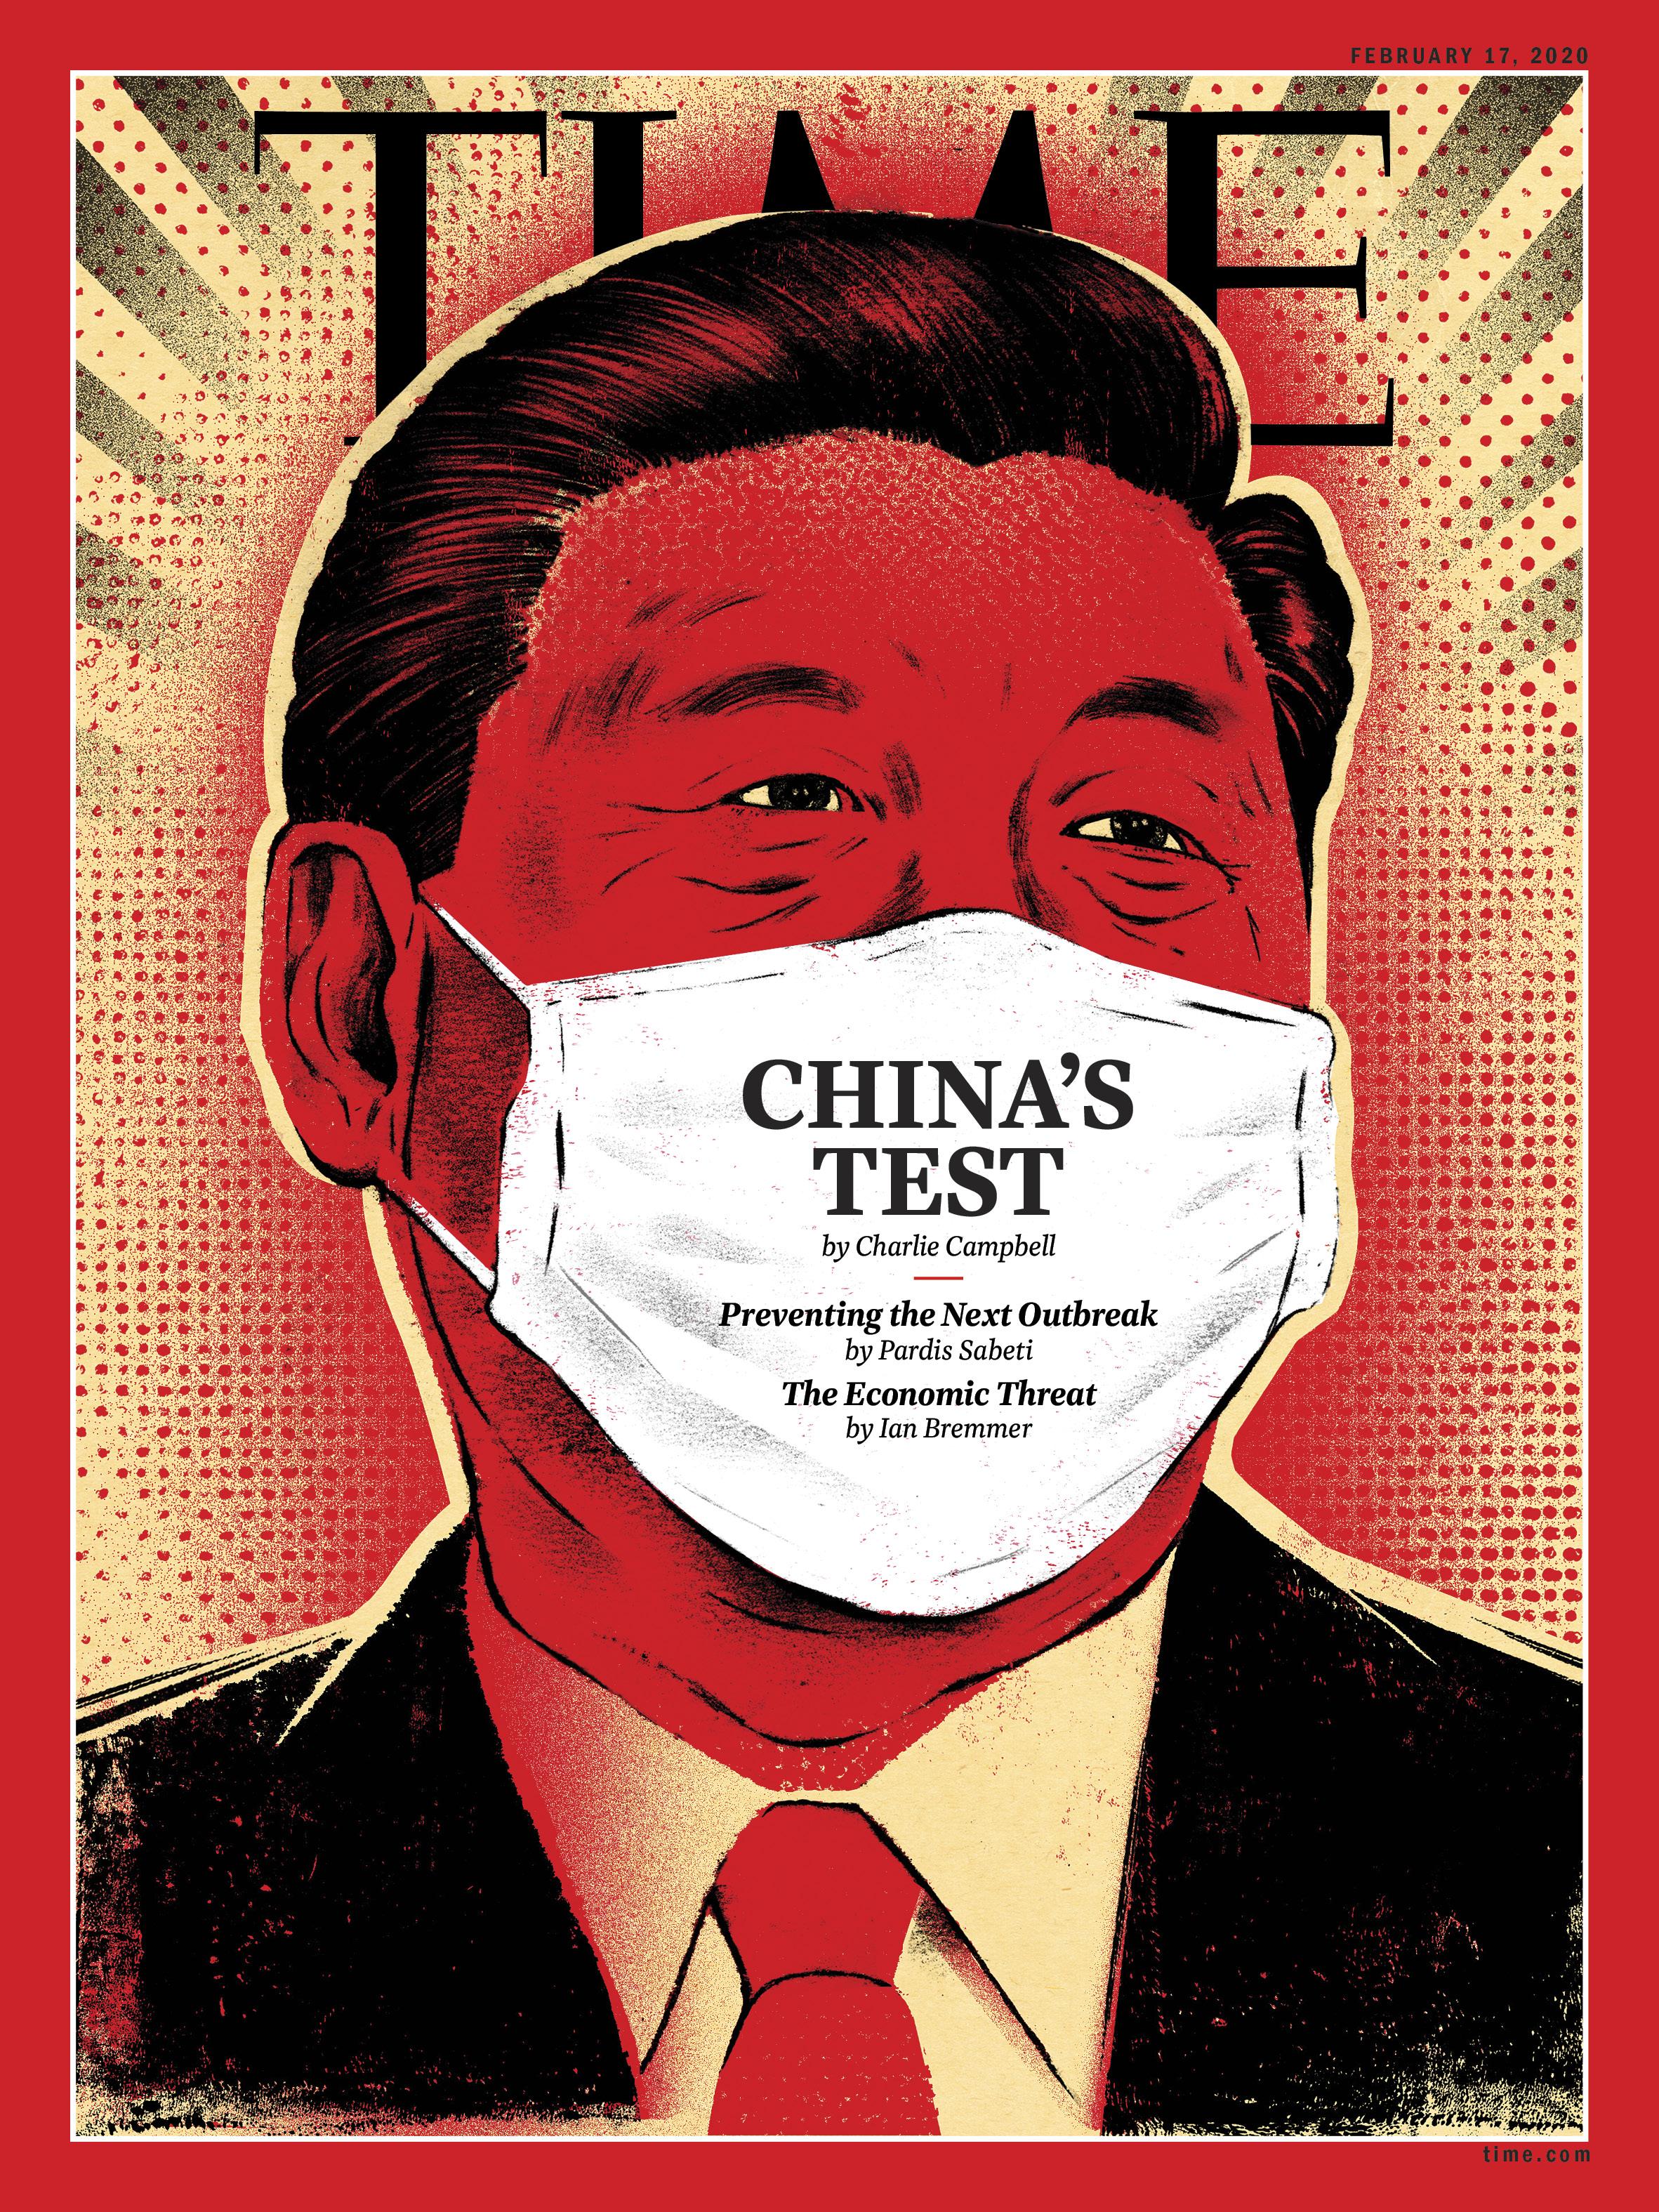 coronavirus could derail xi jinping's dreams for china Coronavirus Could Derail Xi Jinping's Dreams for China TIM200217v1 China